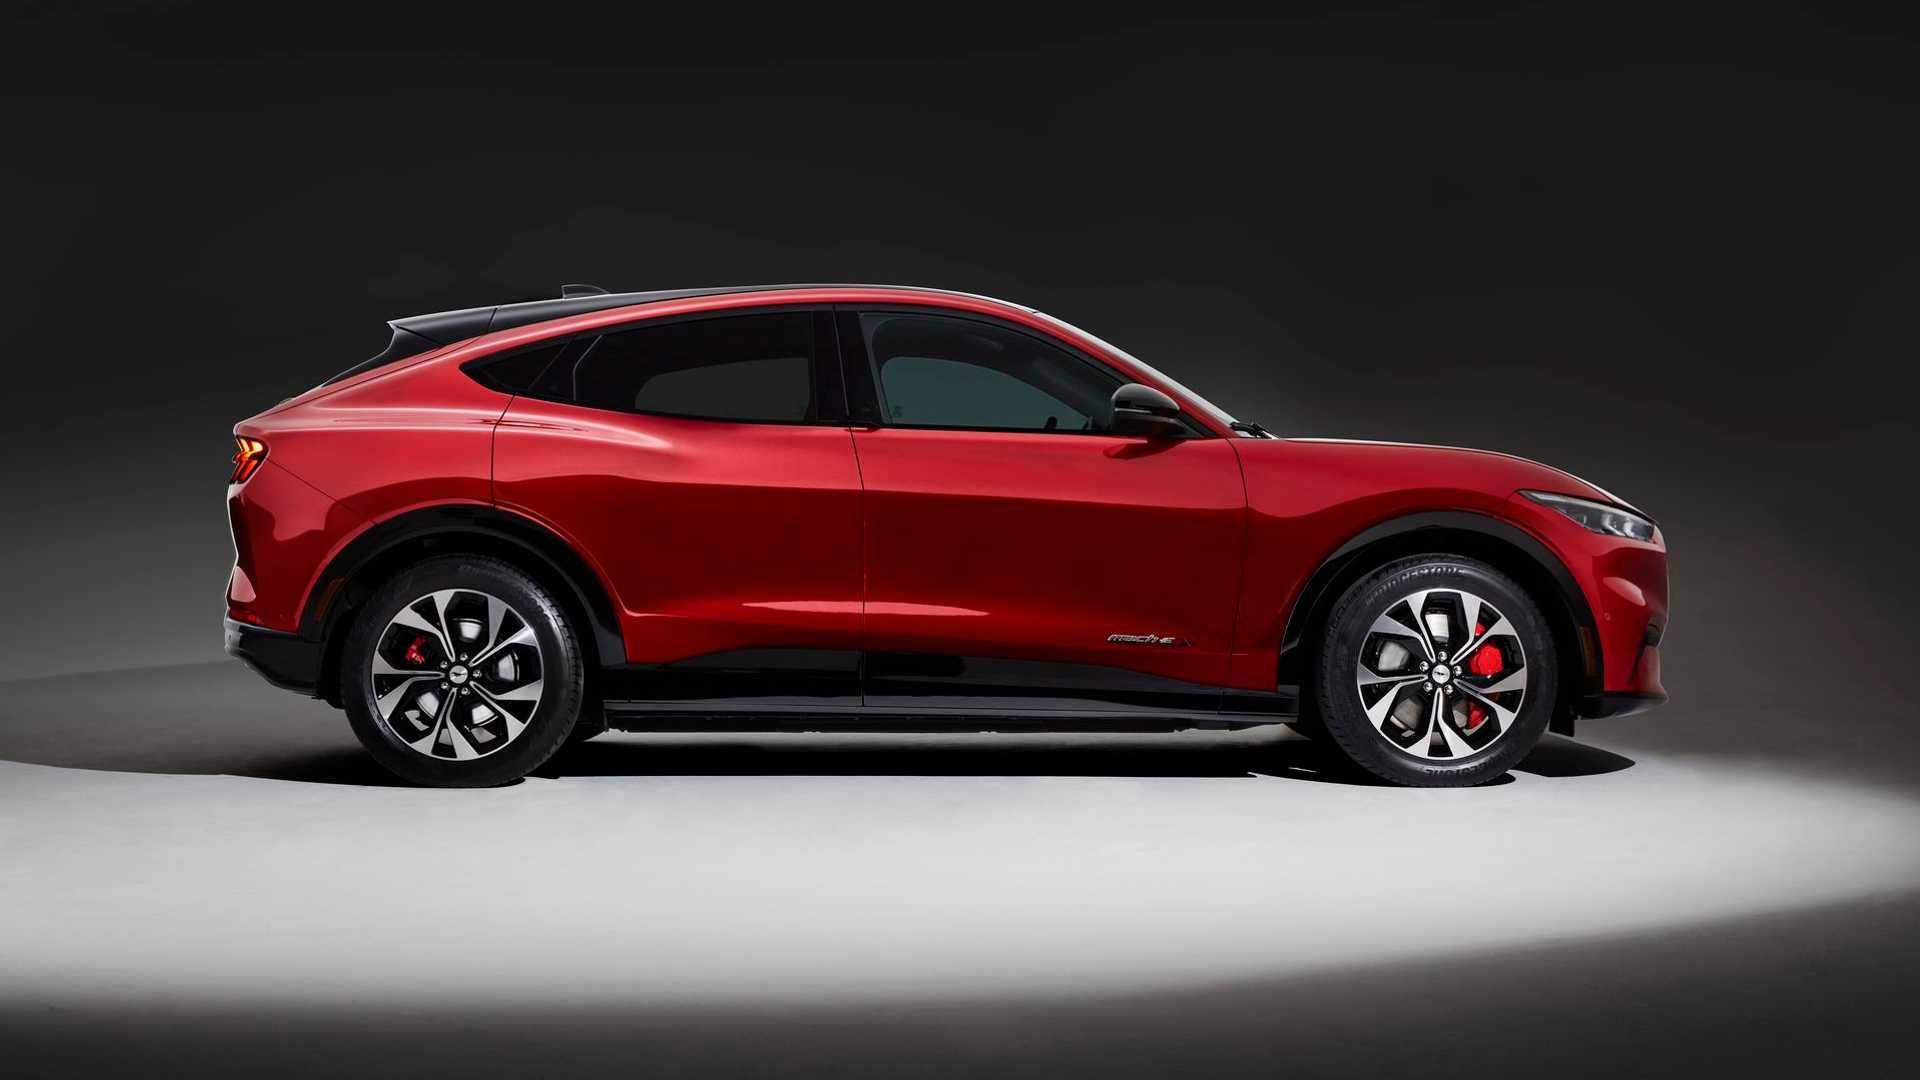 Официальное руководство по заказу Ford Mustang Mach-E 2021 с новыми деталями аккумулятора